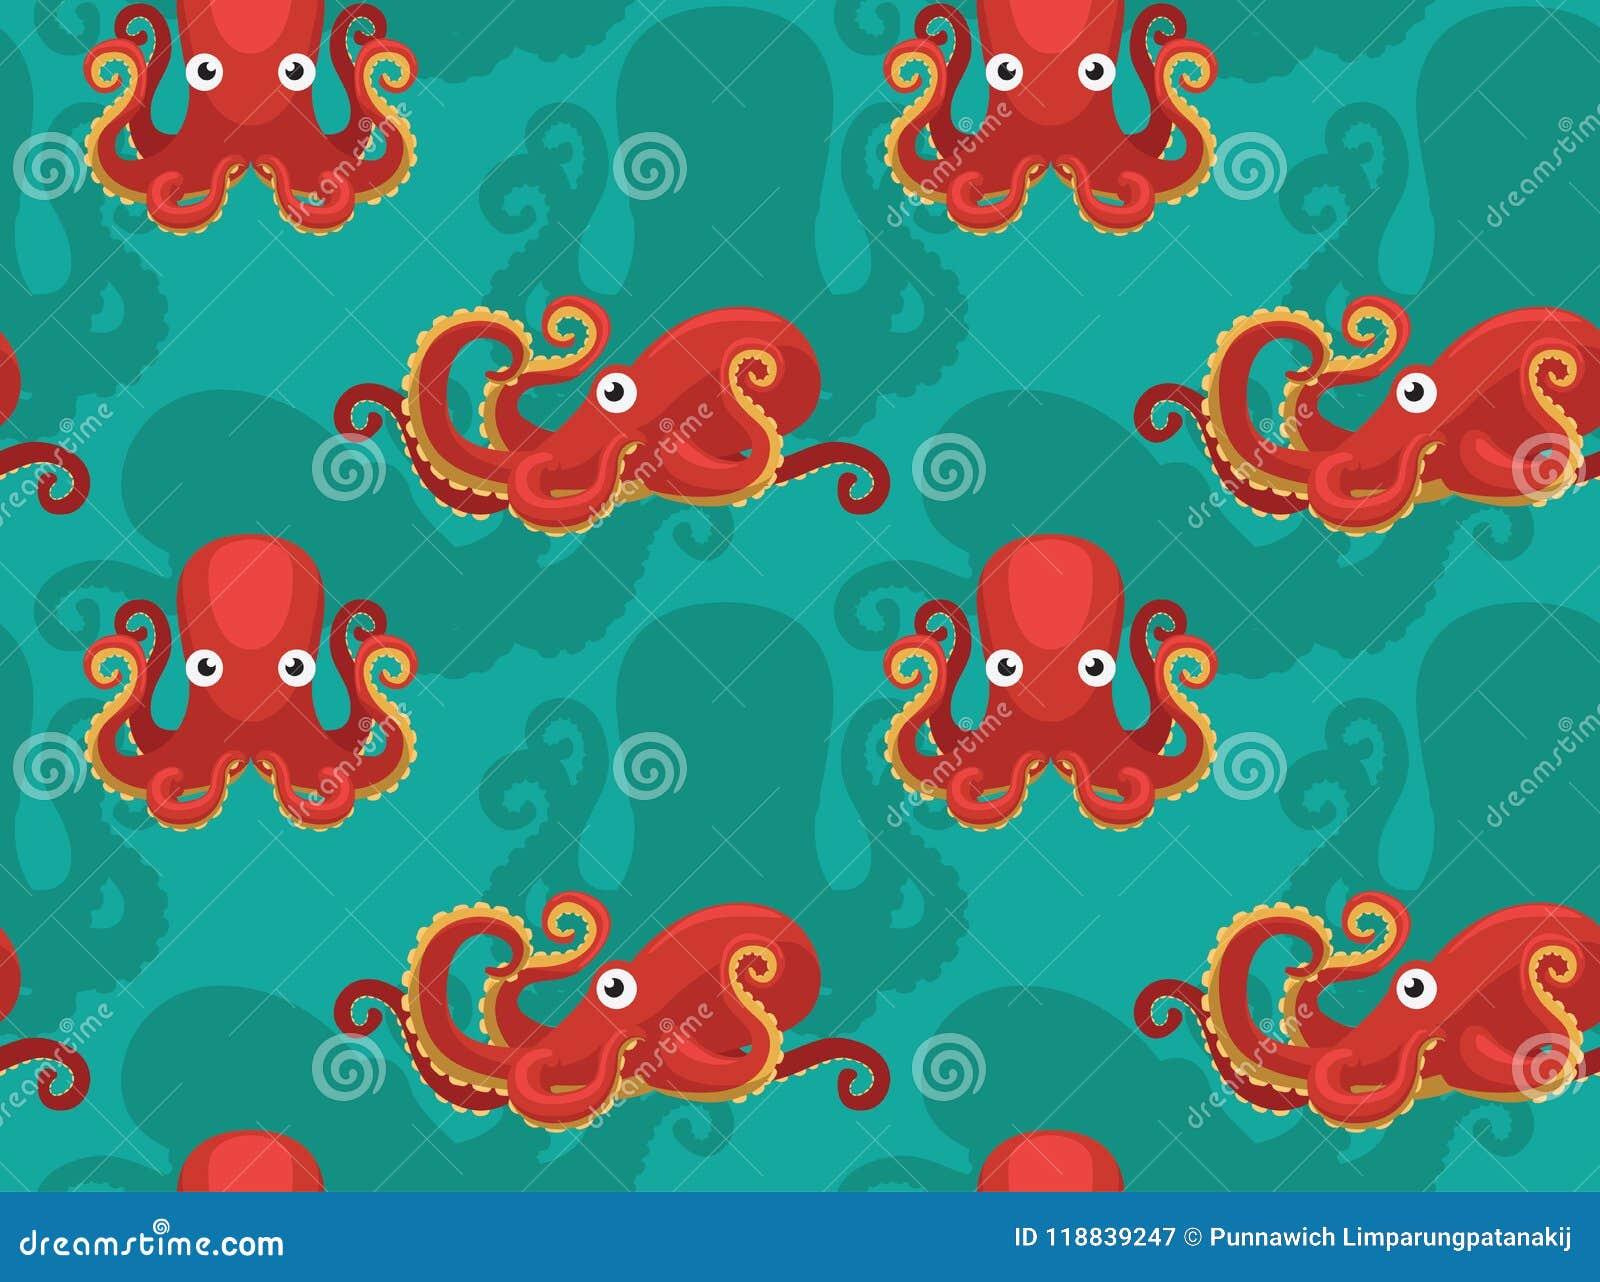 Octopus Cartoon Cute Background Seamless Wallpaper Stock